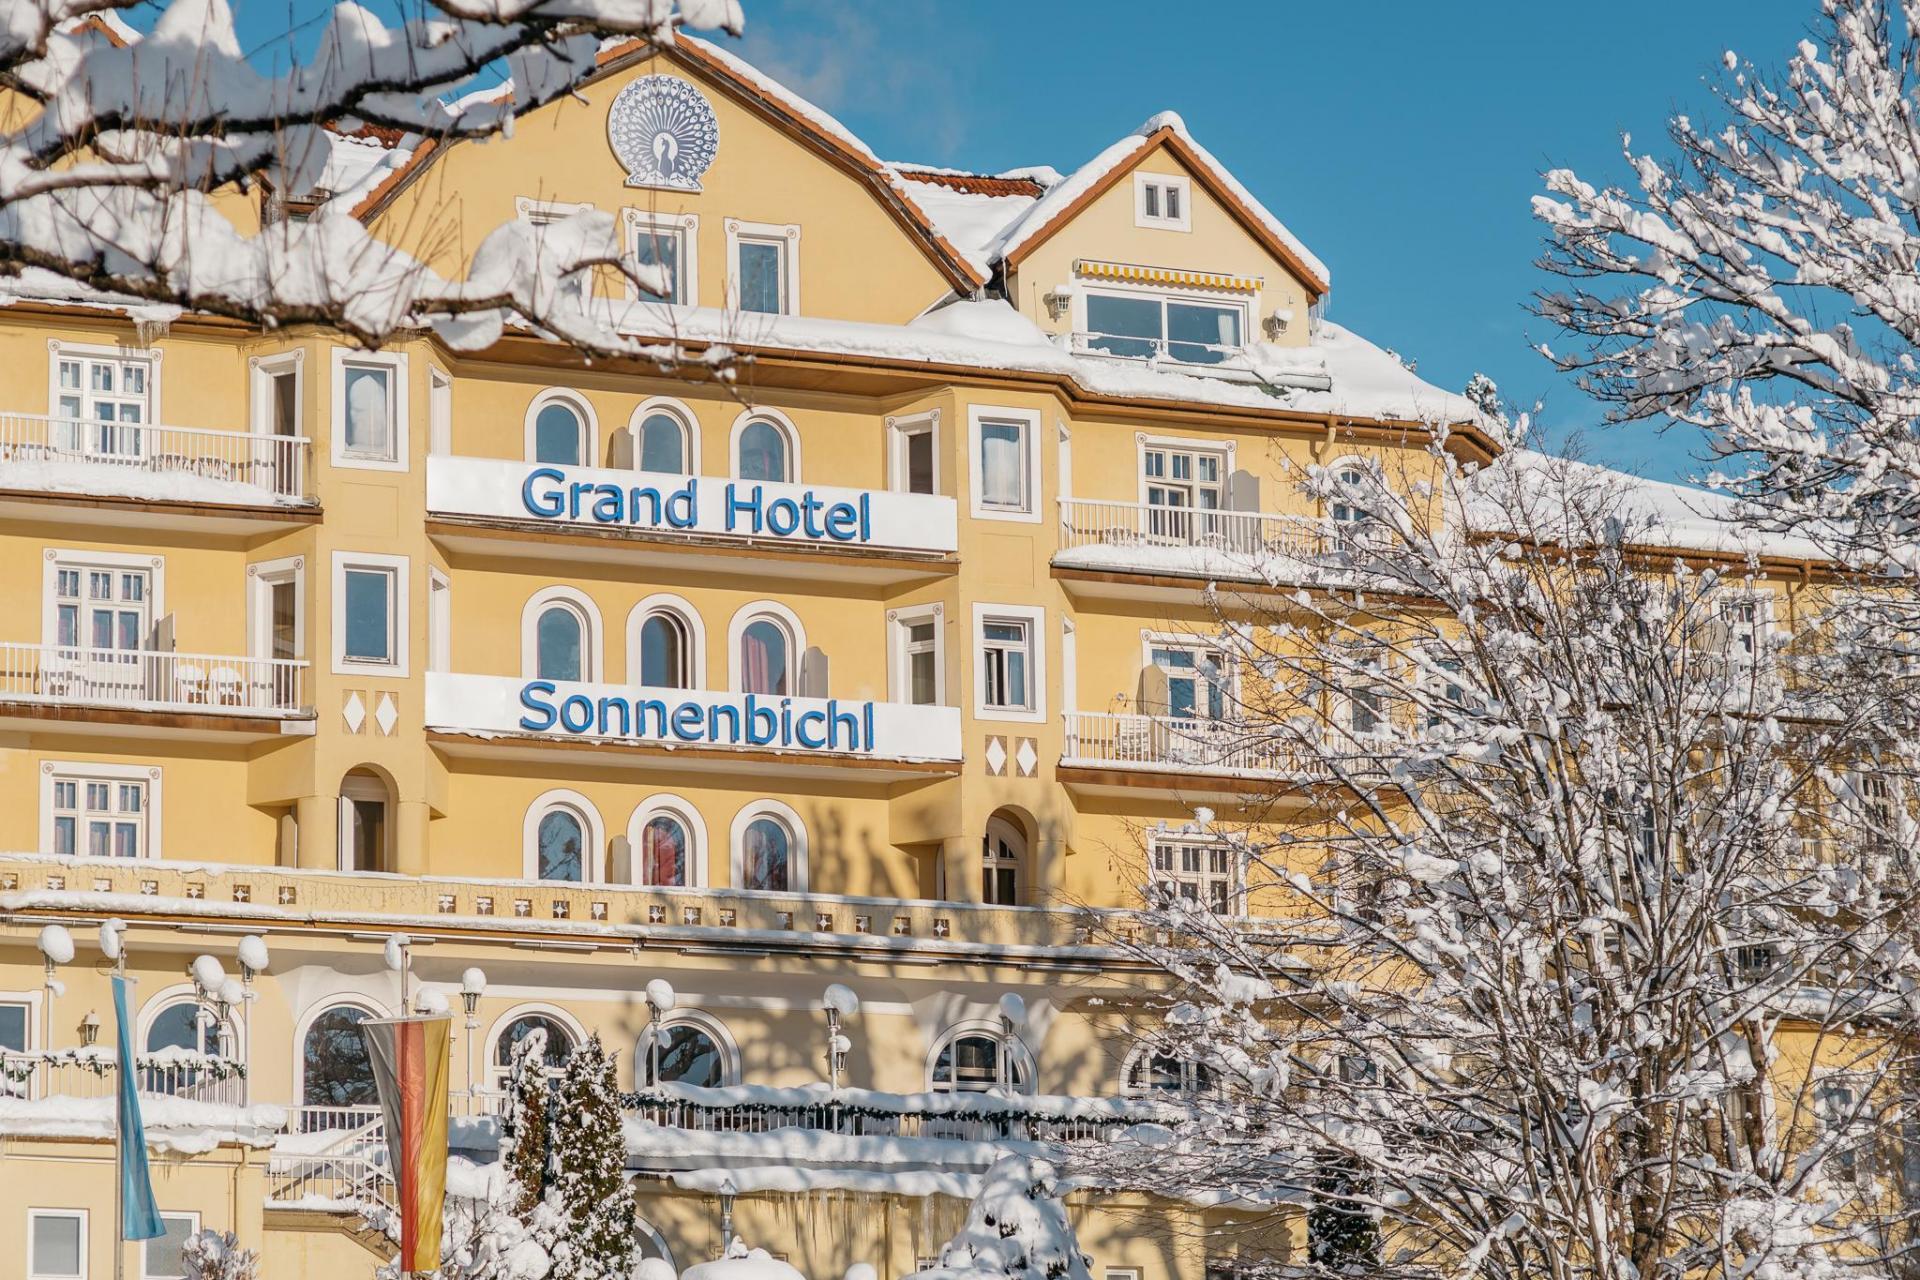 Empfangsmitarbeiter Bei Grand Hotel Sonnenbichl In Garmisch Partenkirchen Rolling Pin